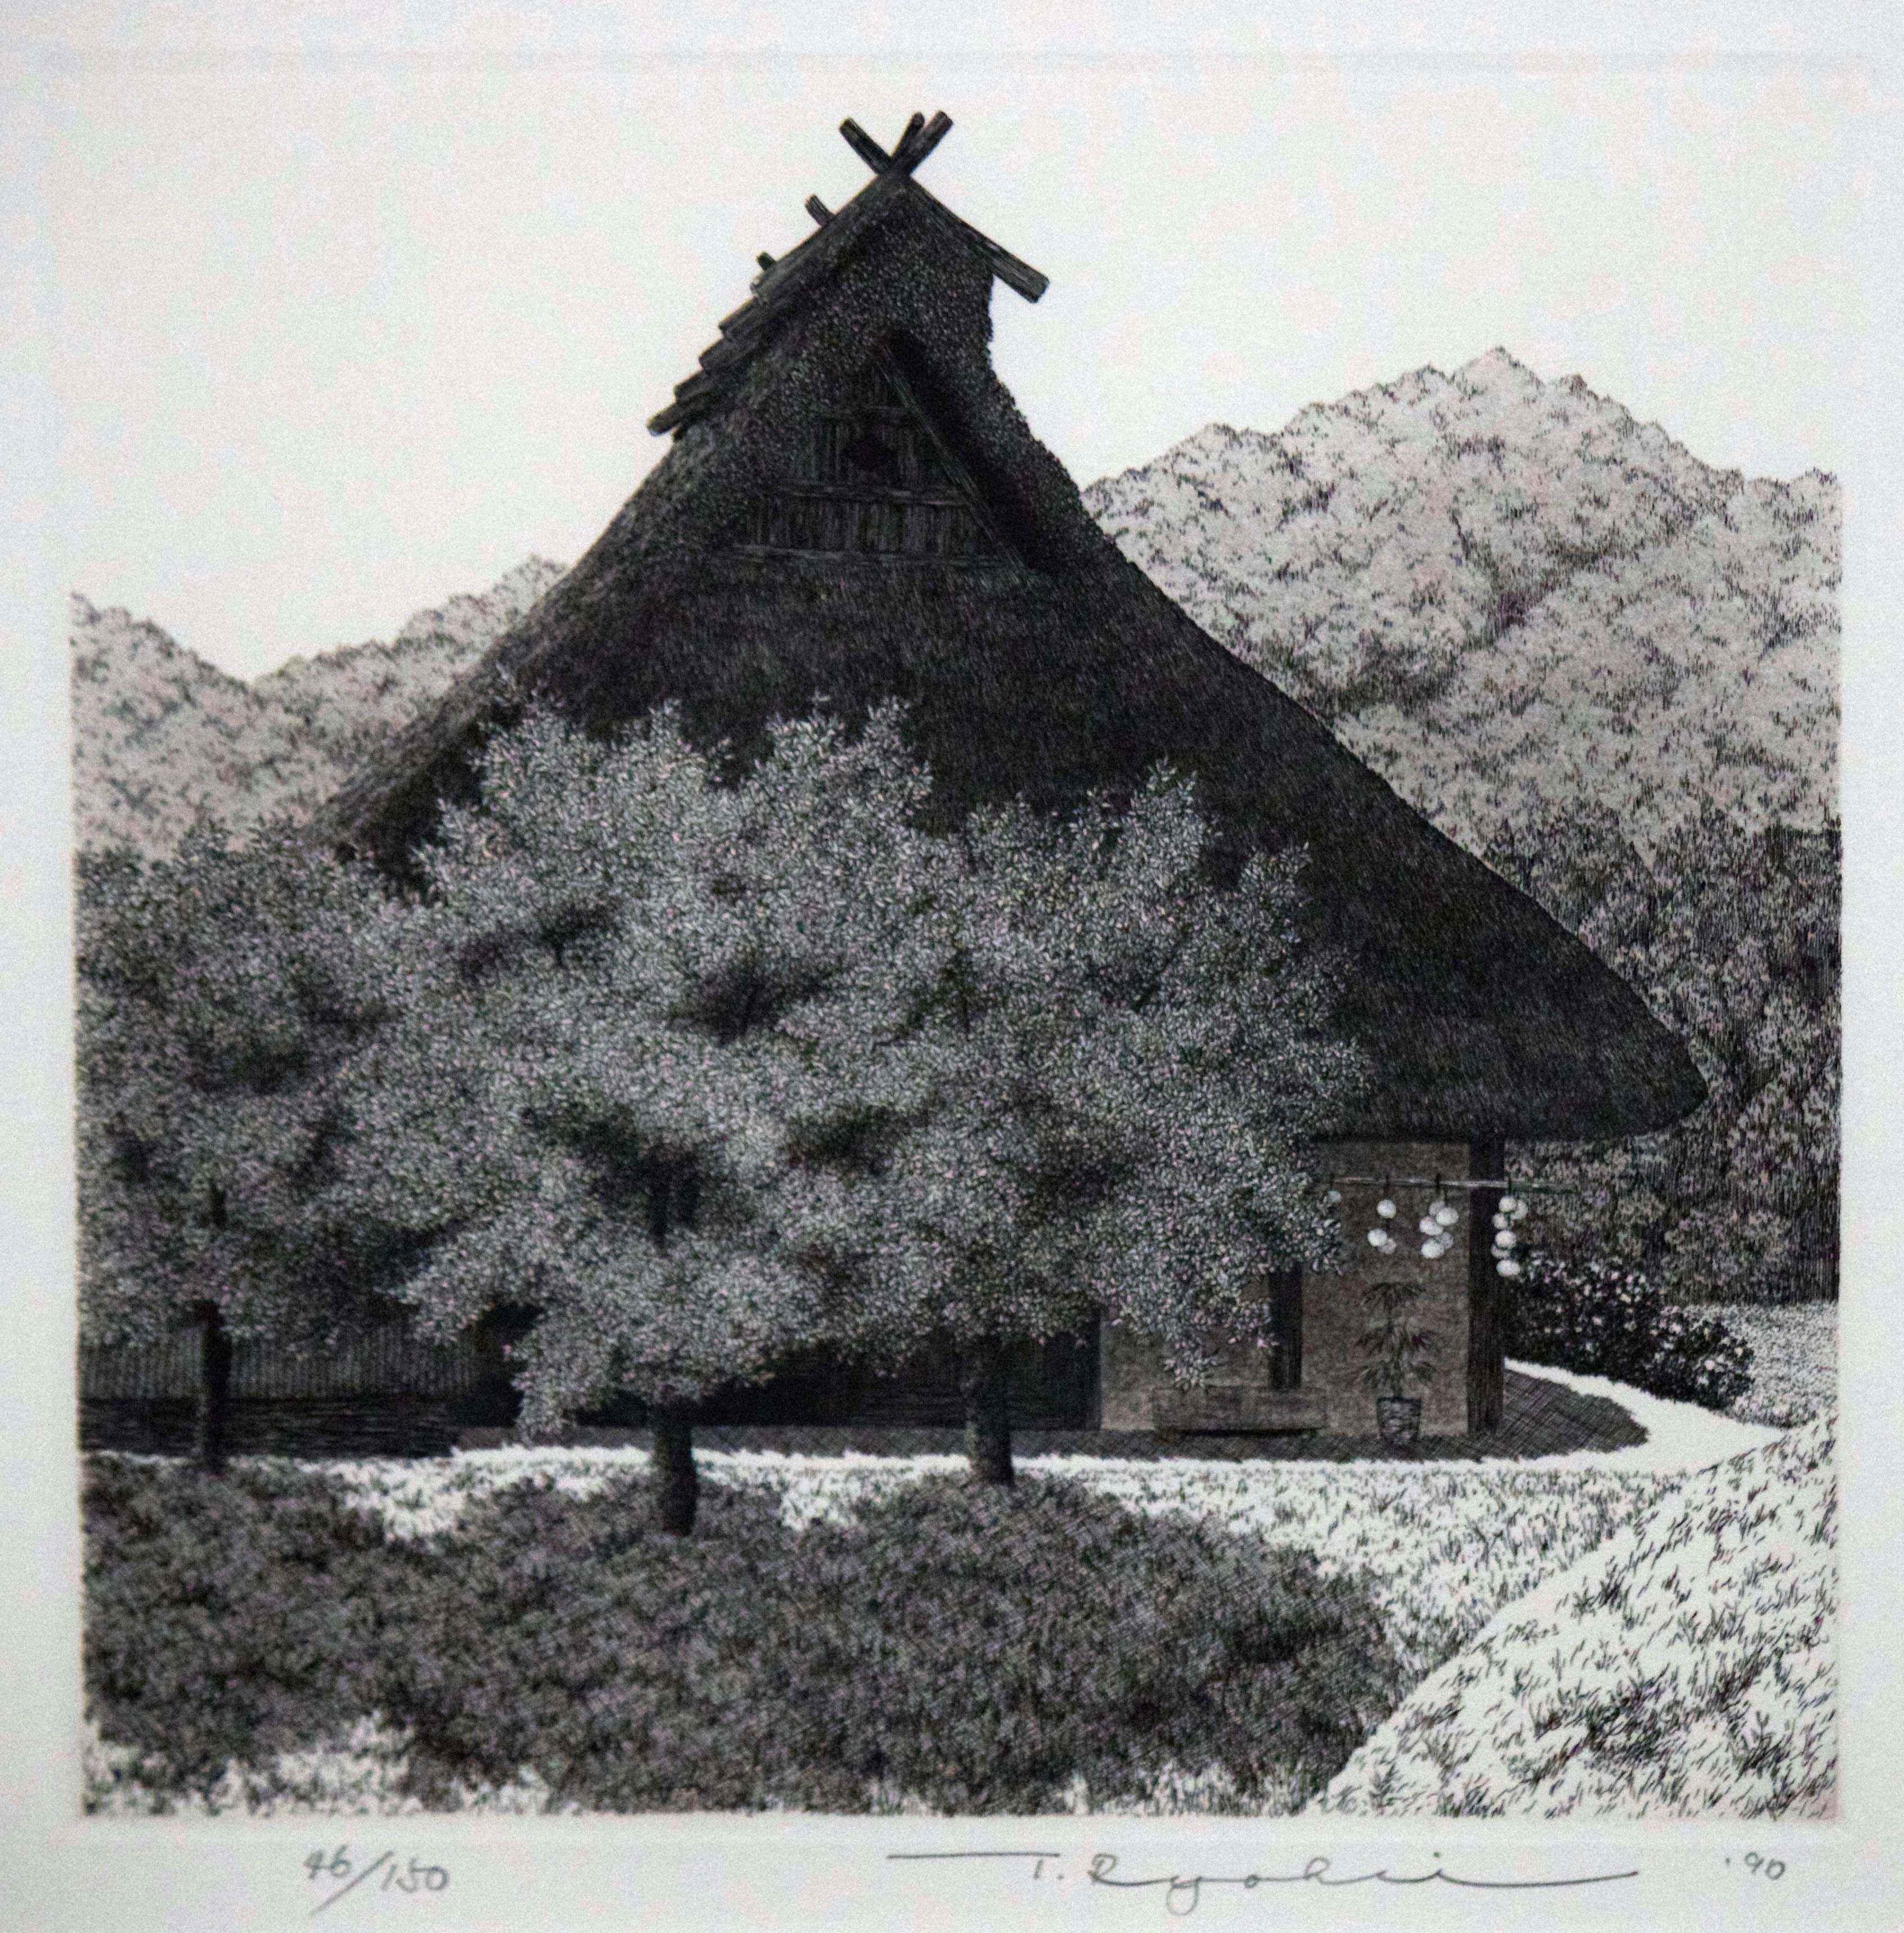 Wachi No. 1 by  Ryohei Tanaka - Masterpiece Online